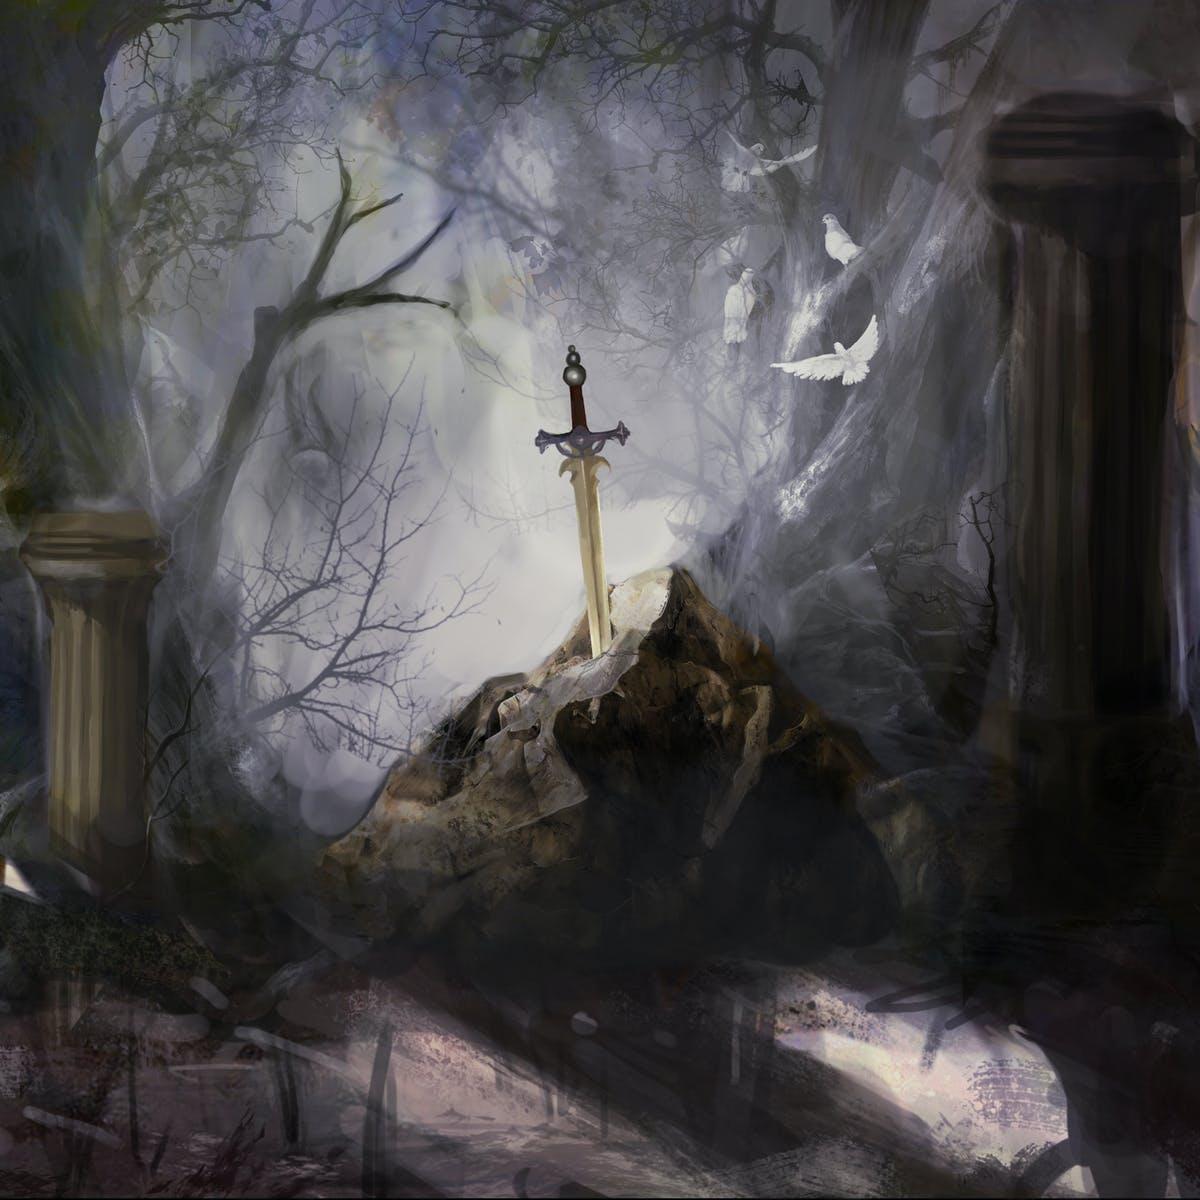 گزارشی مفصل از اعمال ناشایست مدیر سابق یوبیسافت که باعث کنسل شدن بازی King Arthur شد